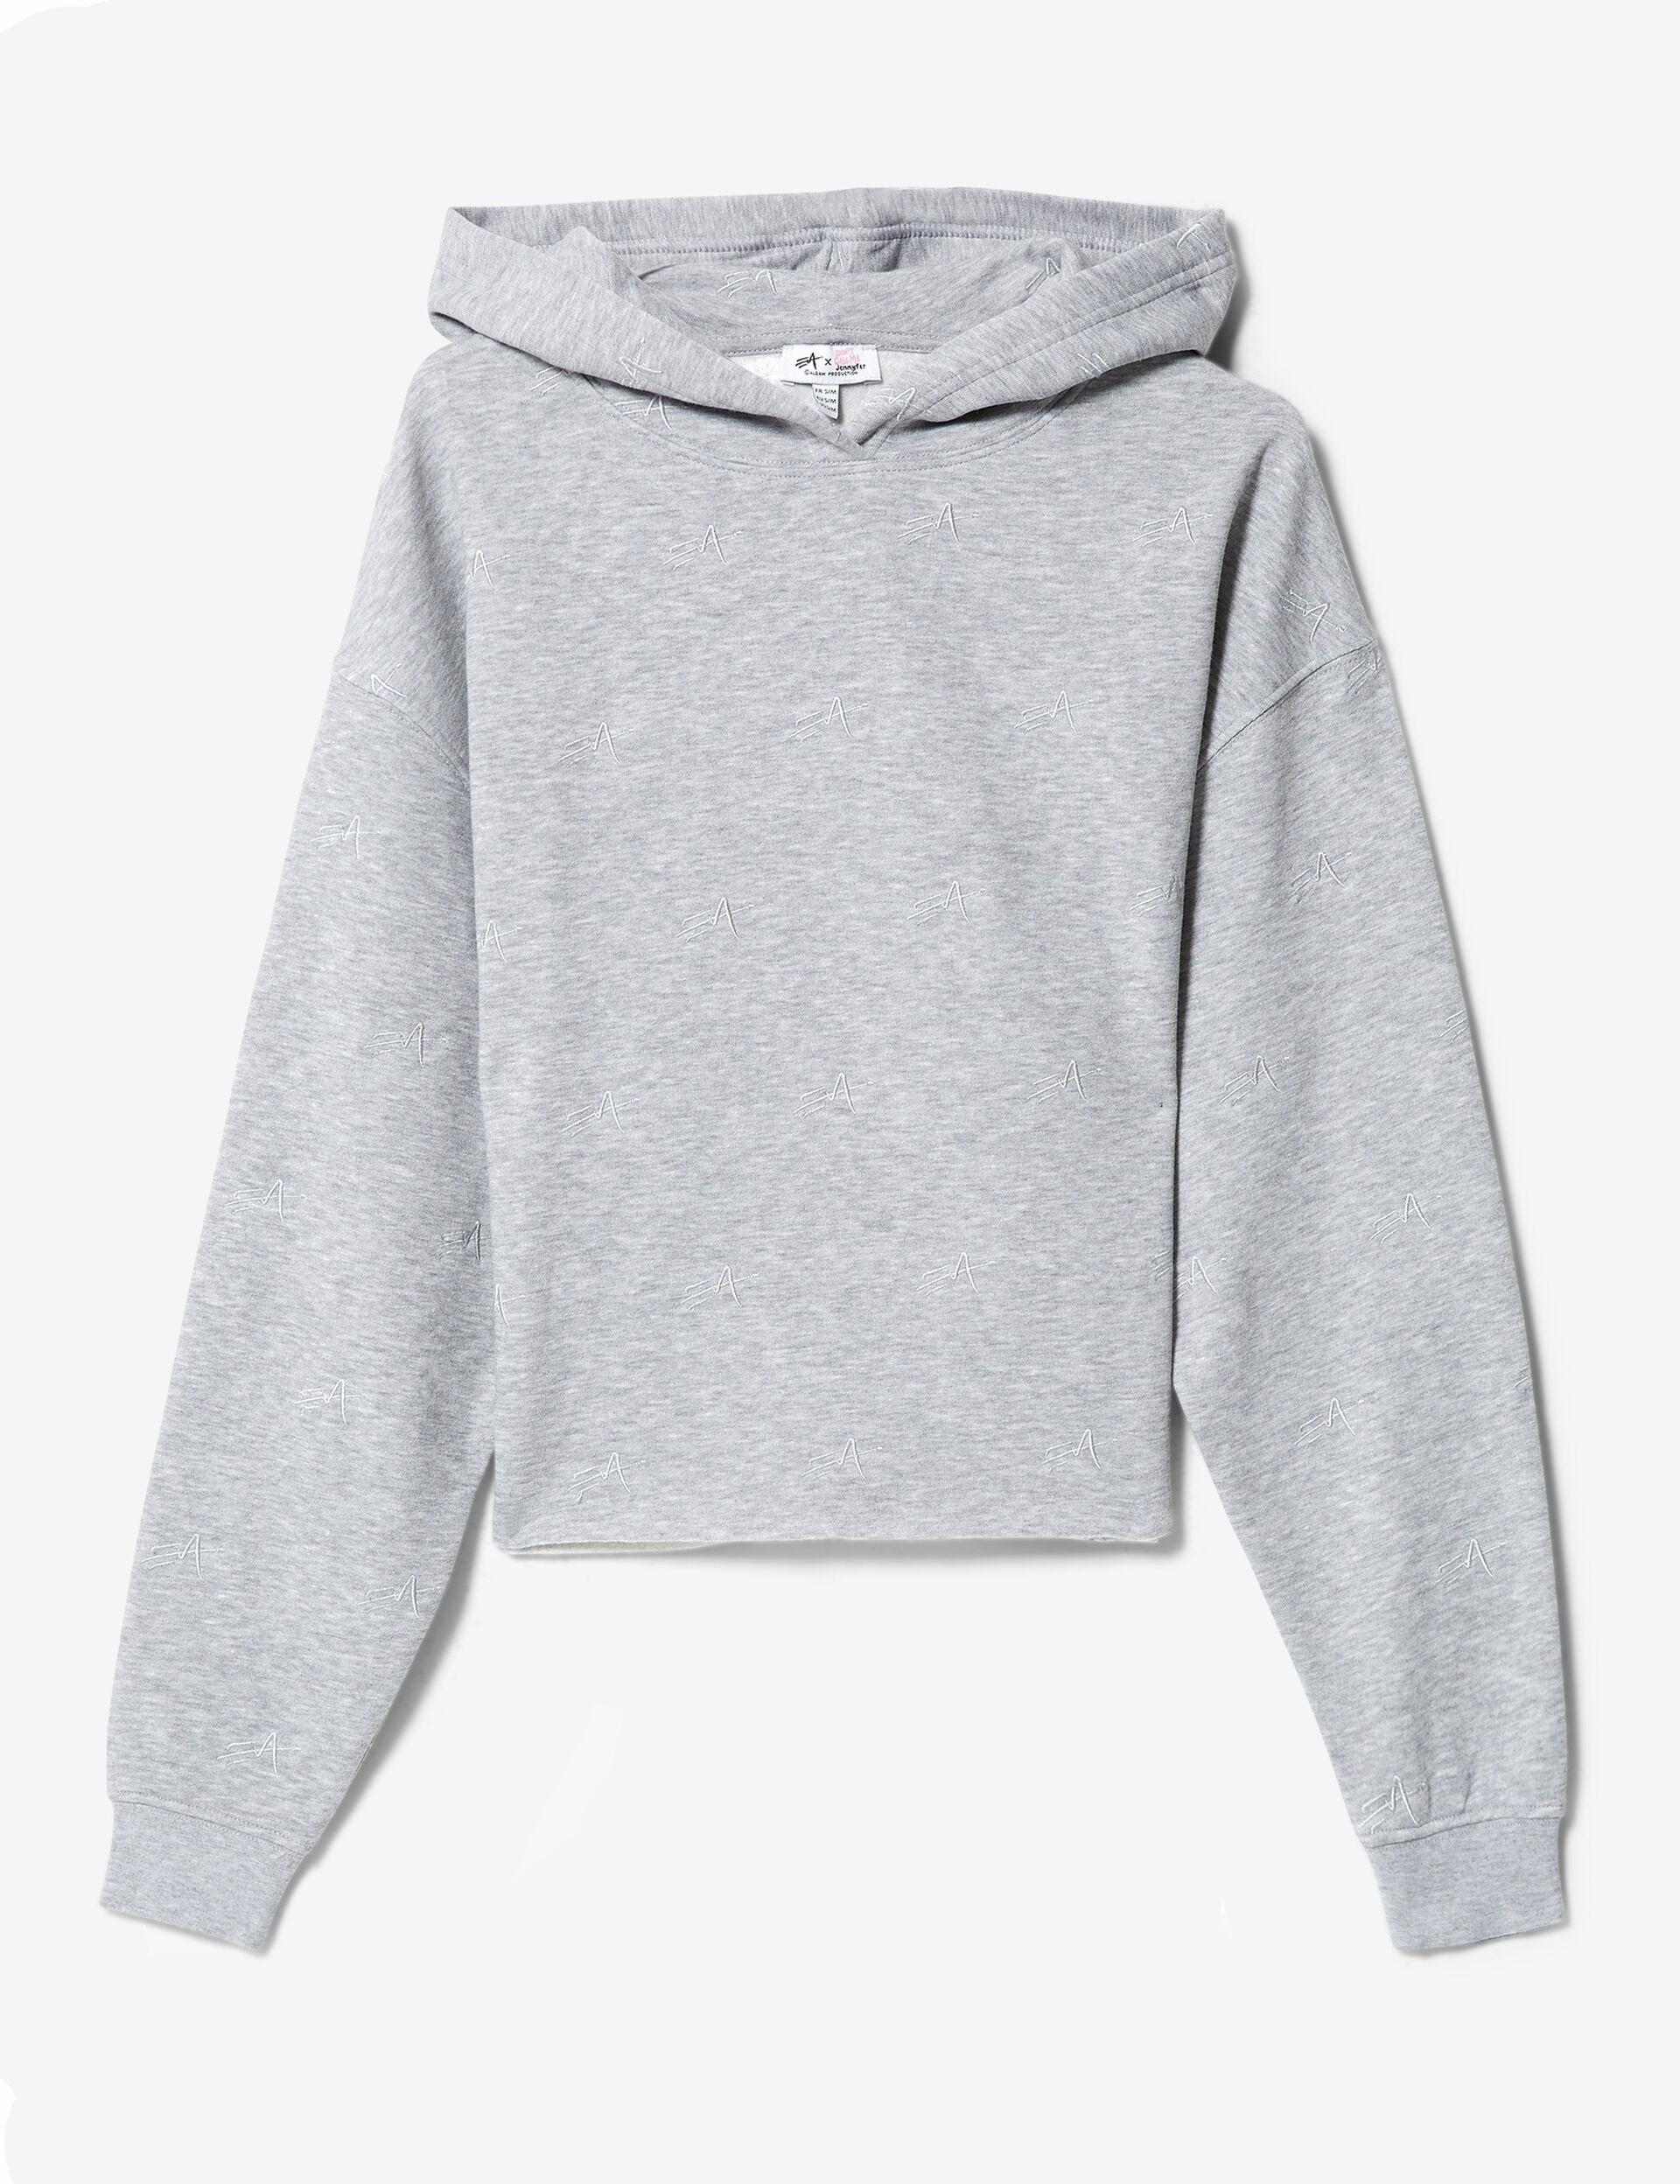 Eva Queen Sweatshirt